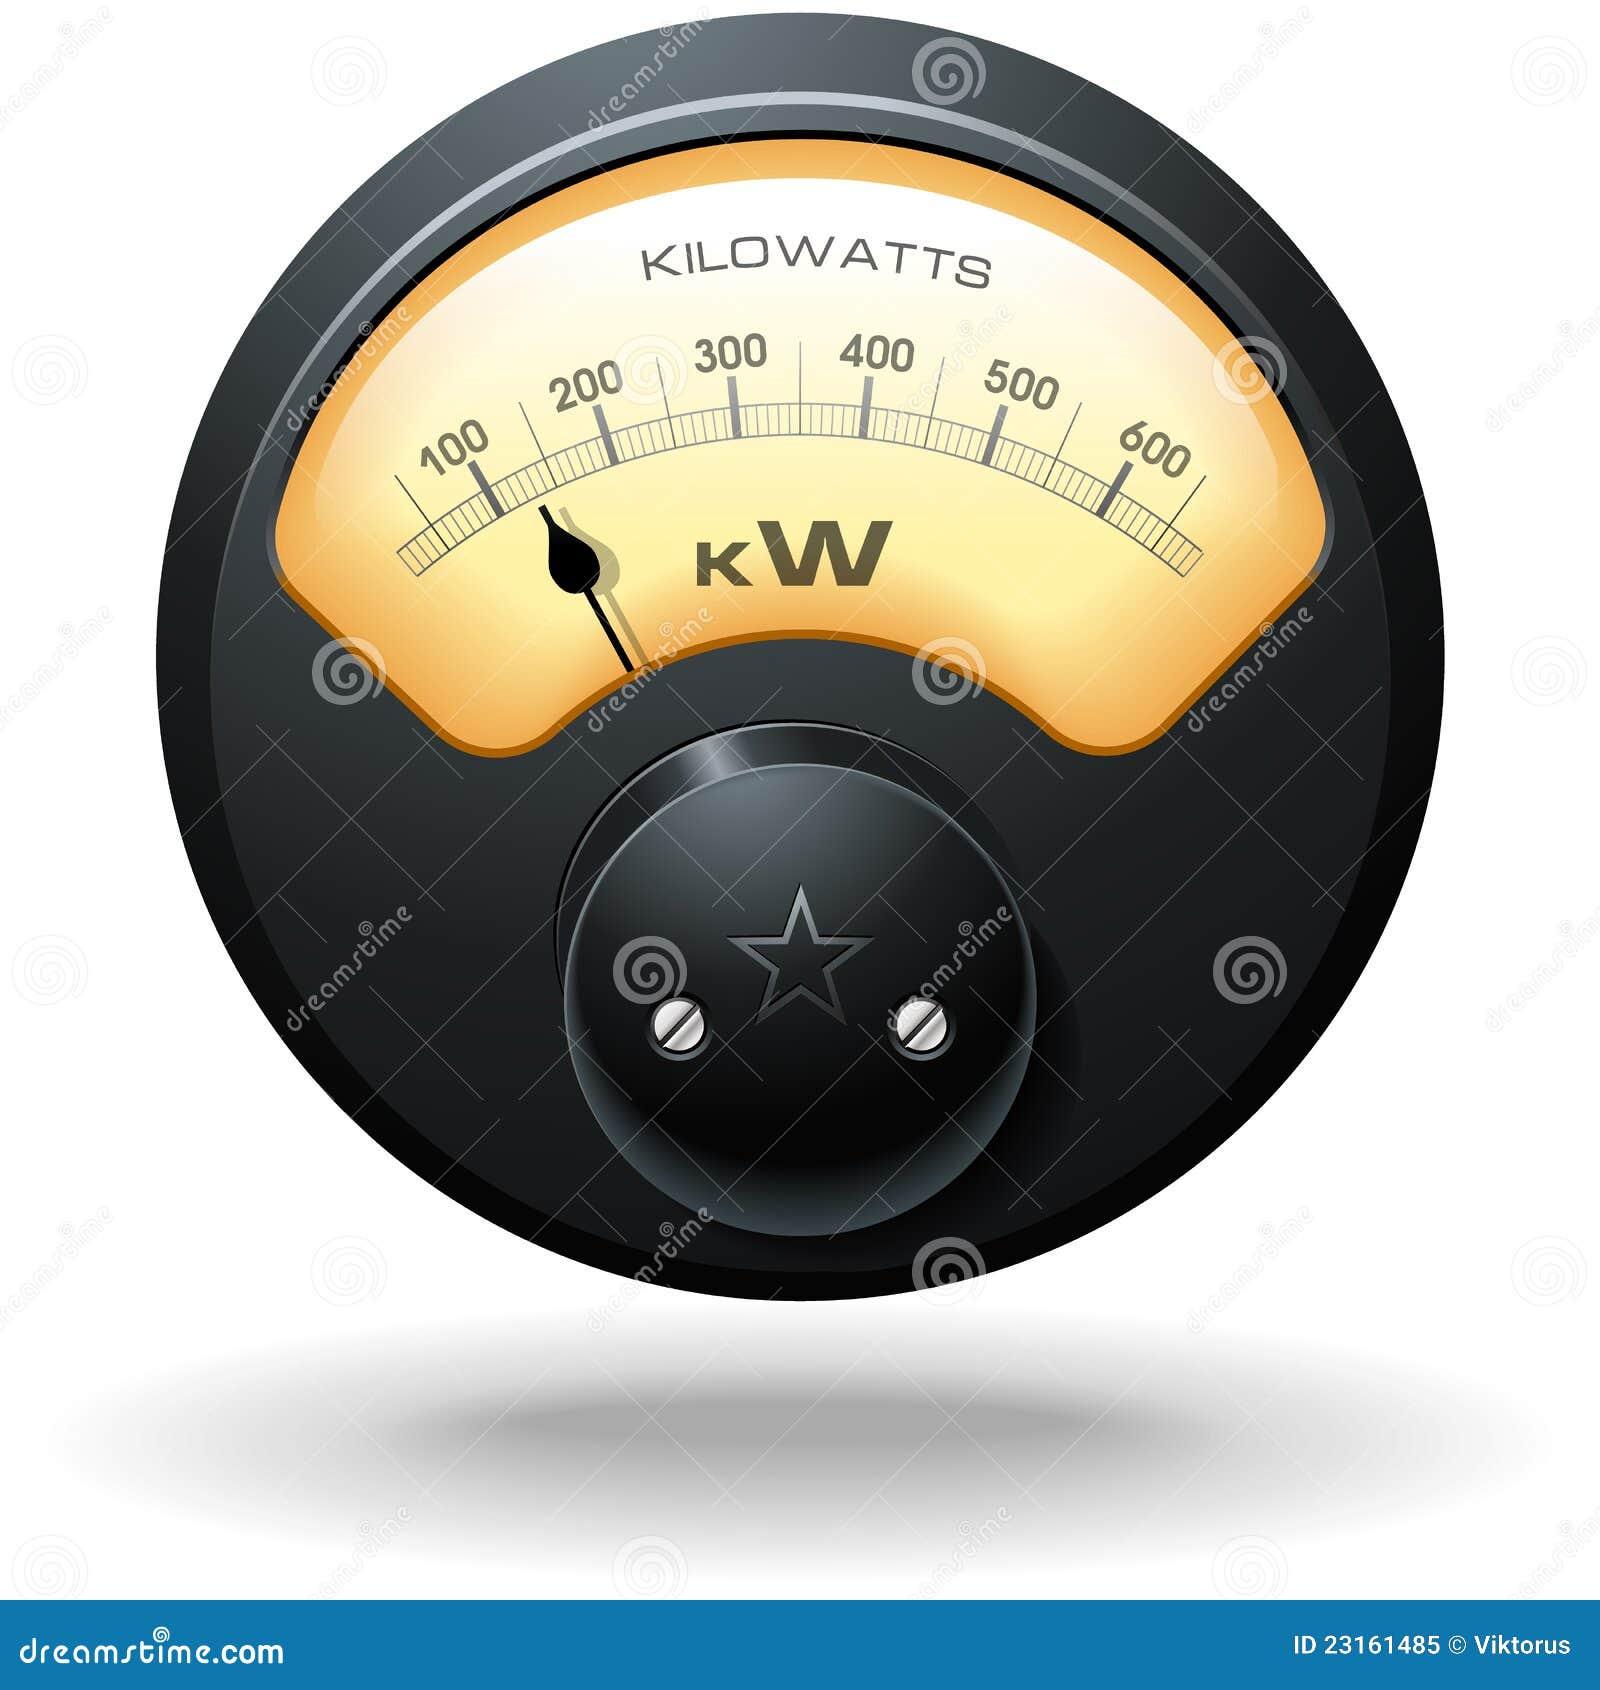 Utility Meter Analog : Analog electrical meter royalty free stock photo image